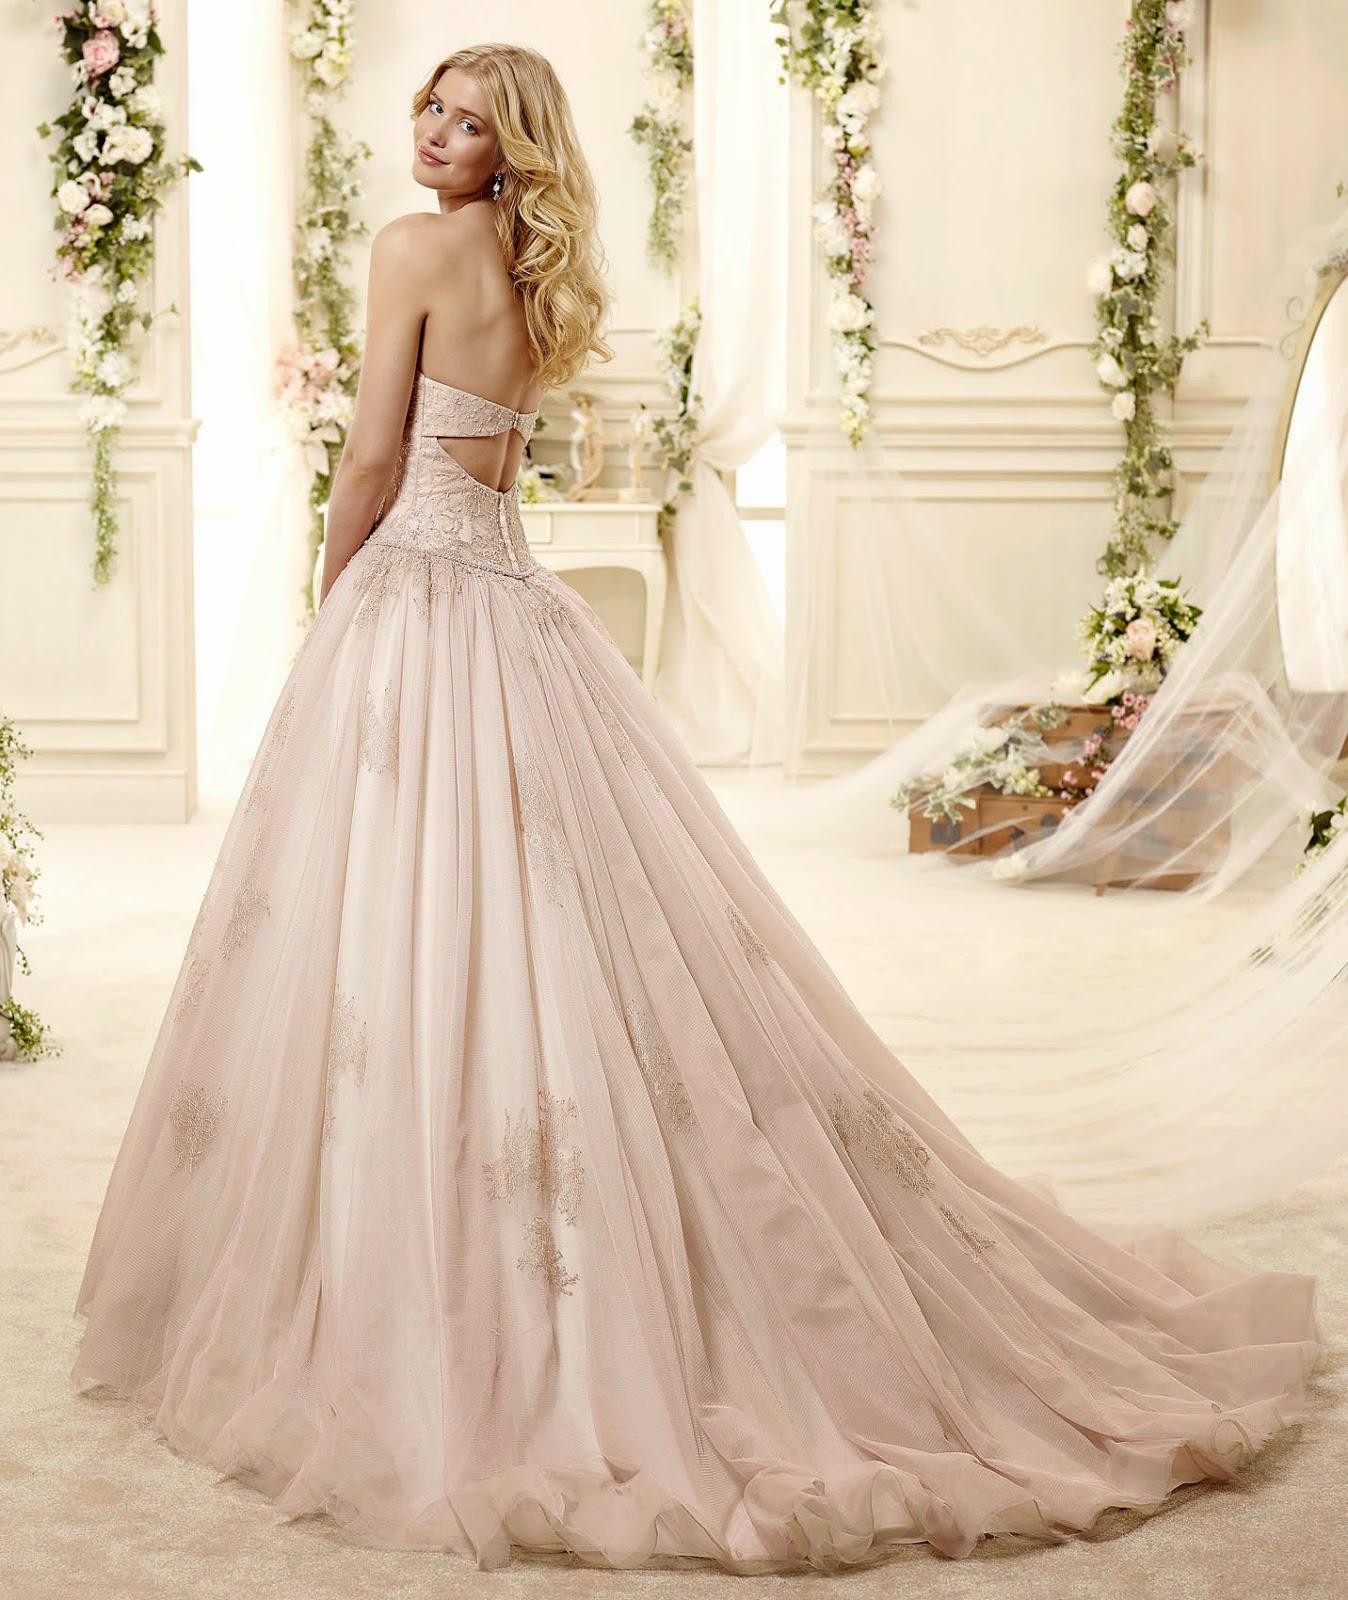 Matrimonio Shabby Chic Abiti Uomo : Matrimonio shabby chic abiti uomo abito da sposa online